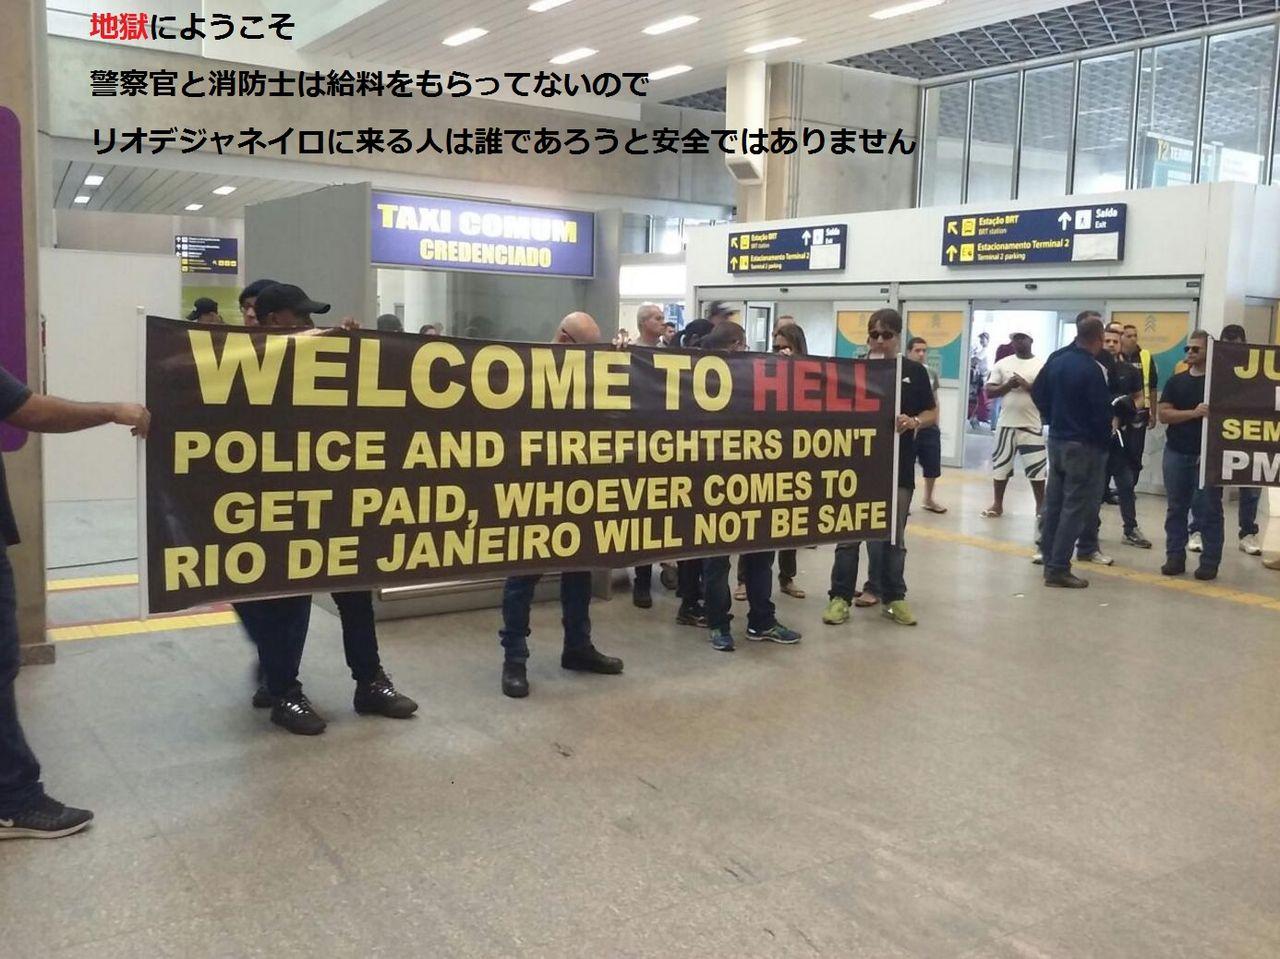 ブラジル警察「給料貰っとらんからオリンピック警備期待しないで」